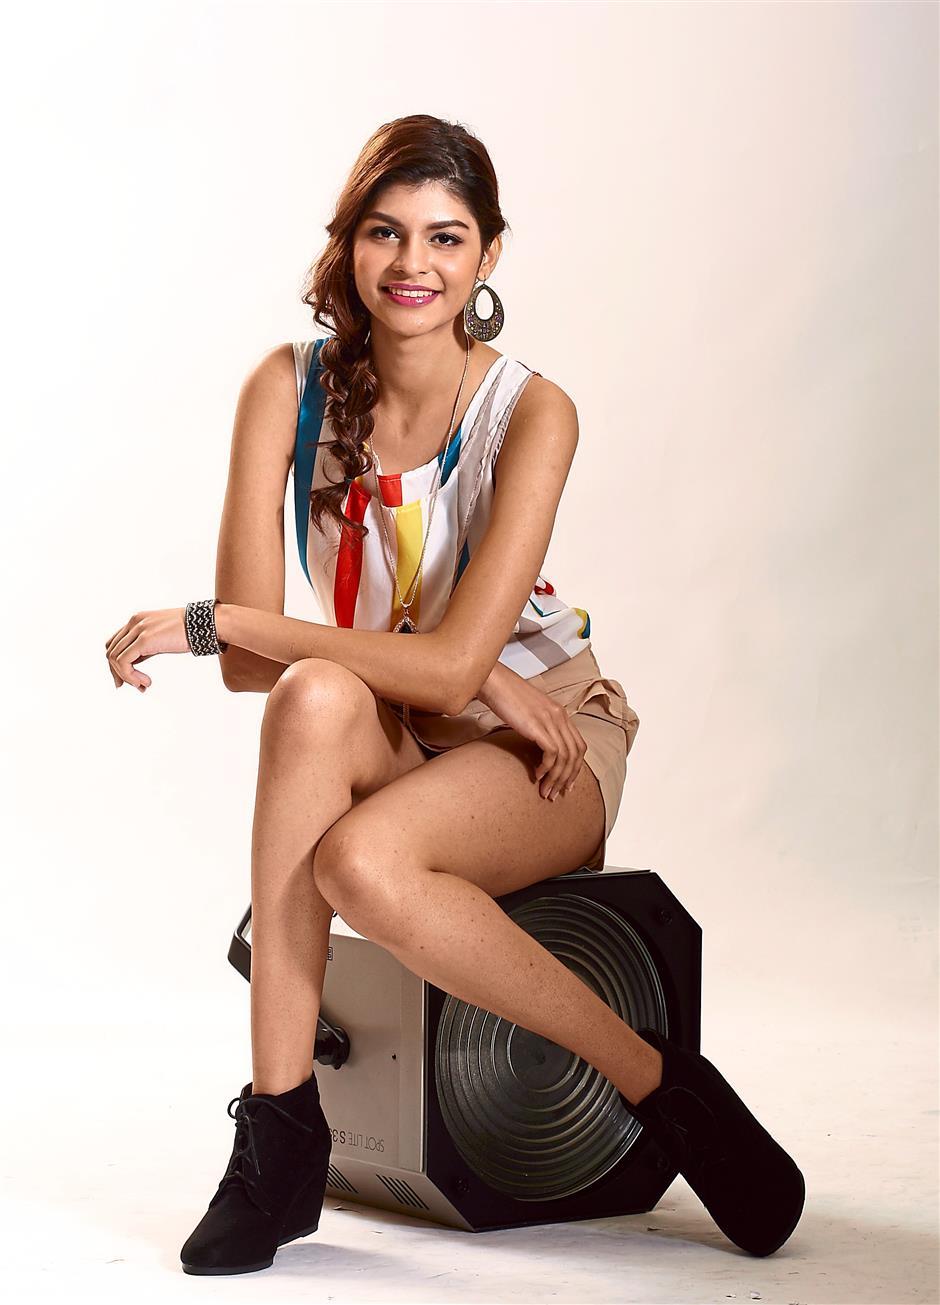 Interview Tanisha Kaur for The Mod Life column. RAYMOND OOI/ The Star